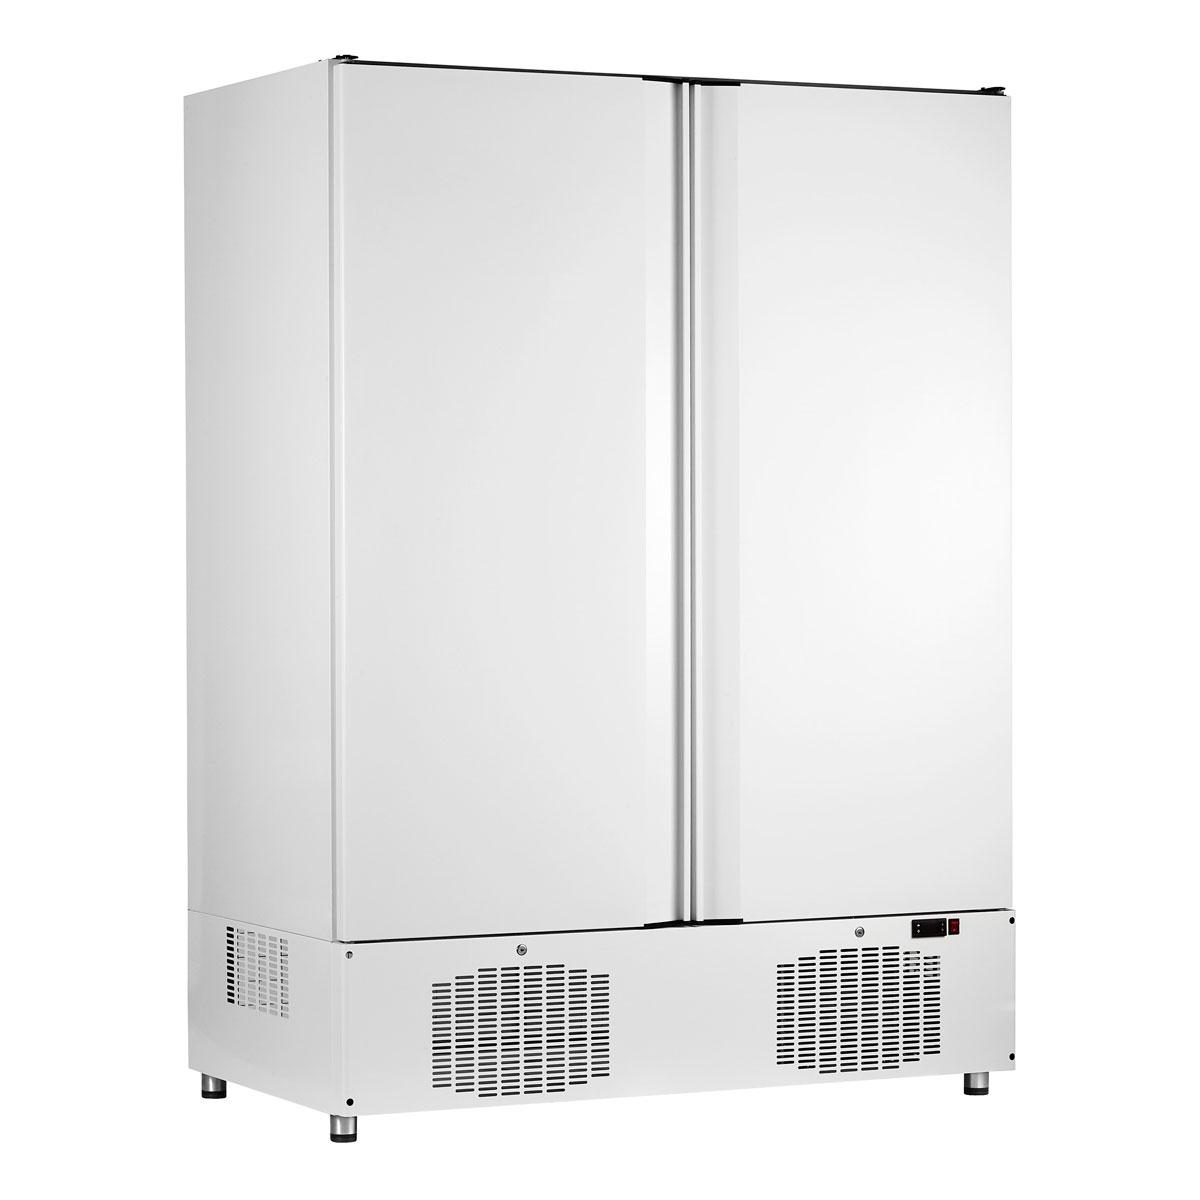 Новый холодильный шкаф ШХс-1,4-03 торговой марки «Abat»